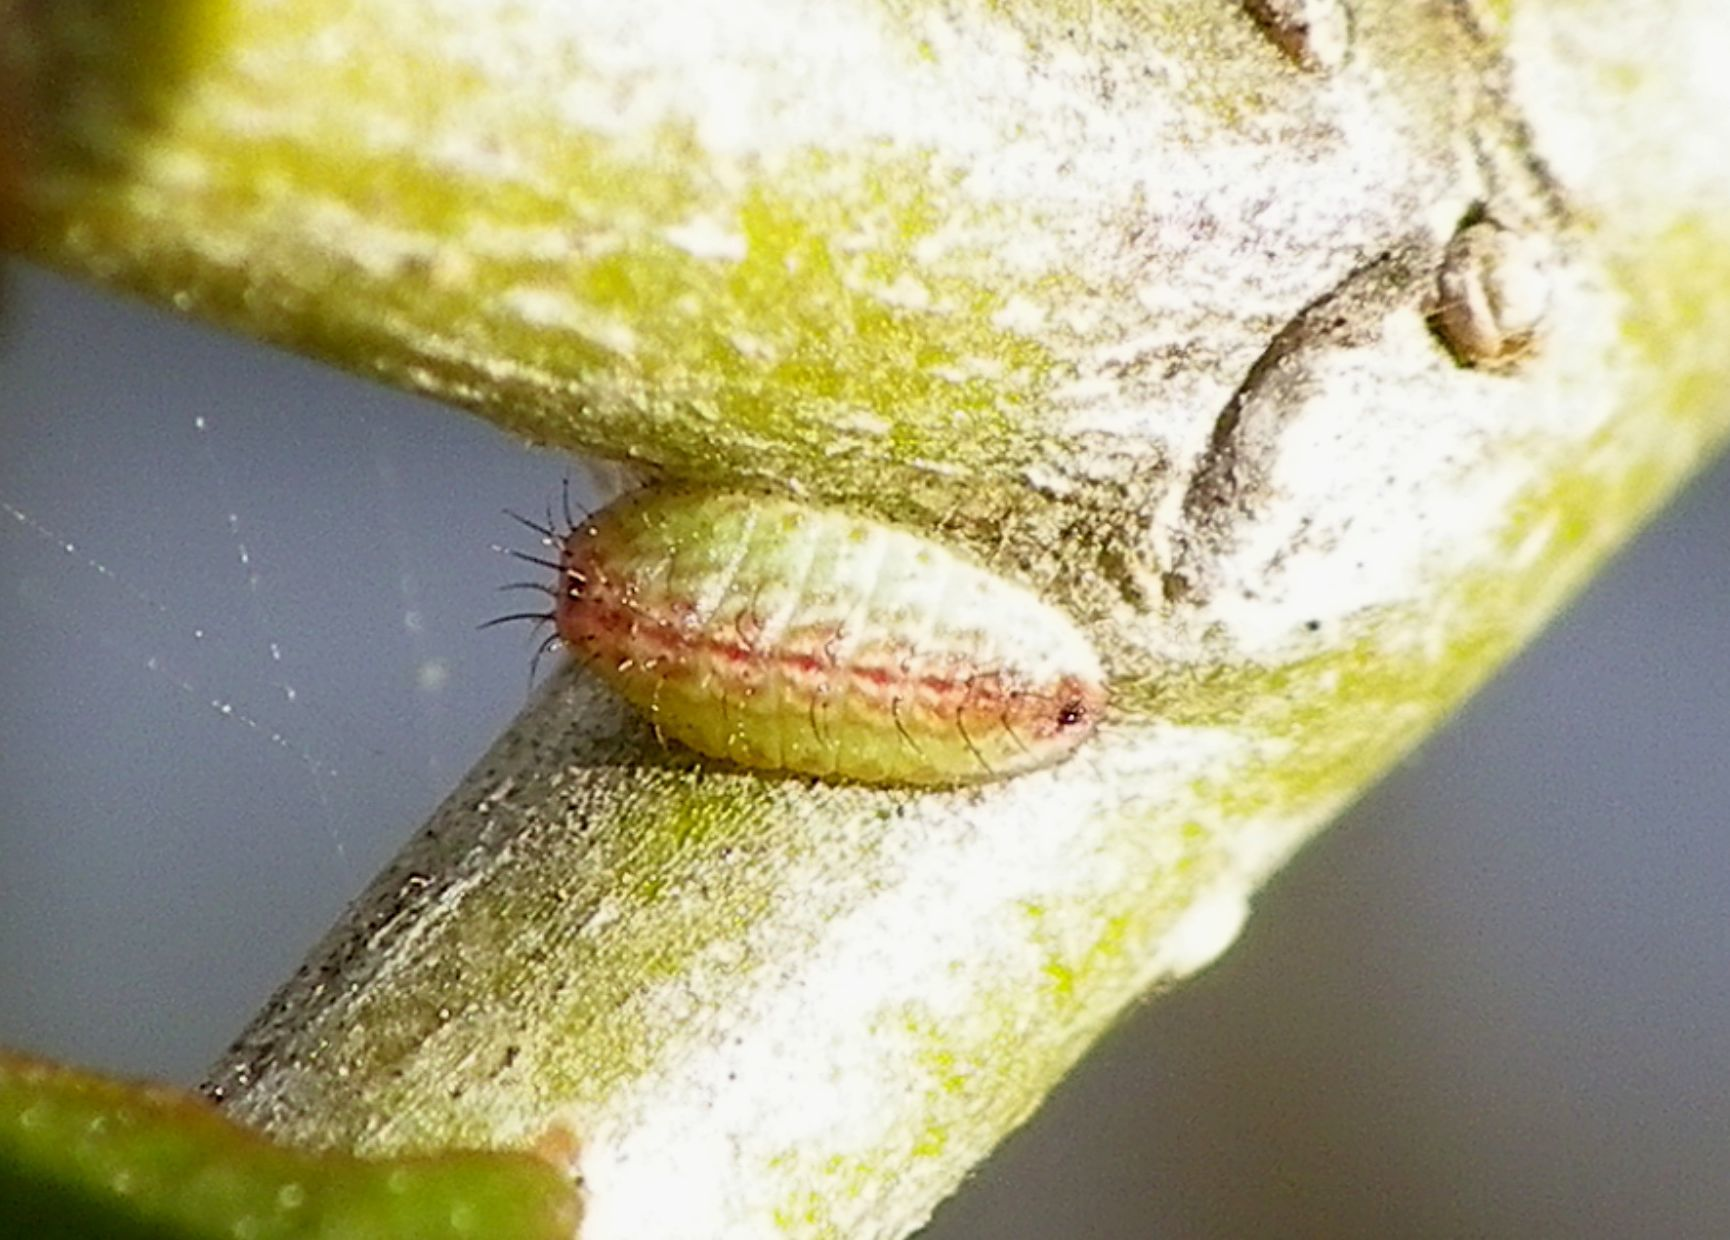 ウラゴマダラシジミの幼虫 3月16日_d0254540_15582277.jpg